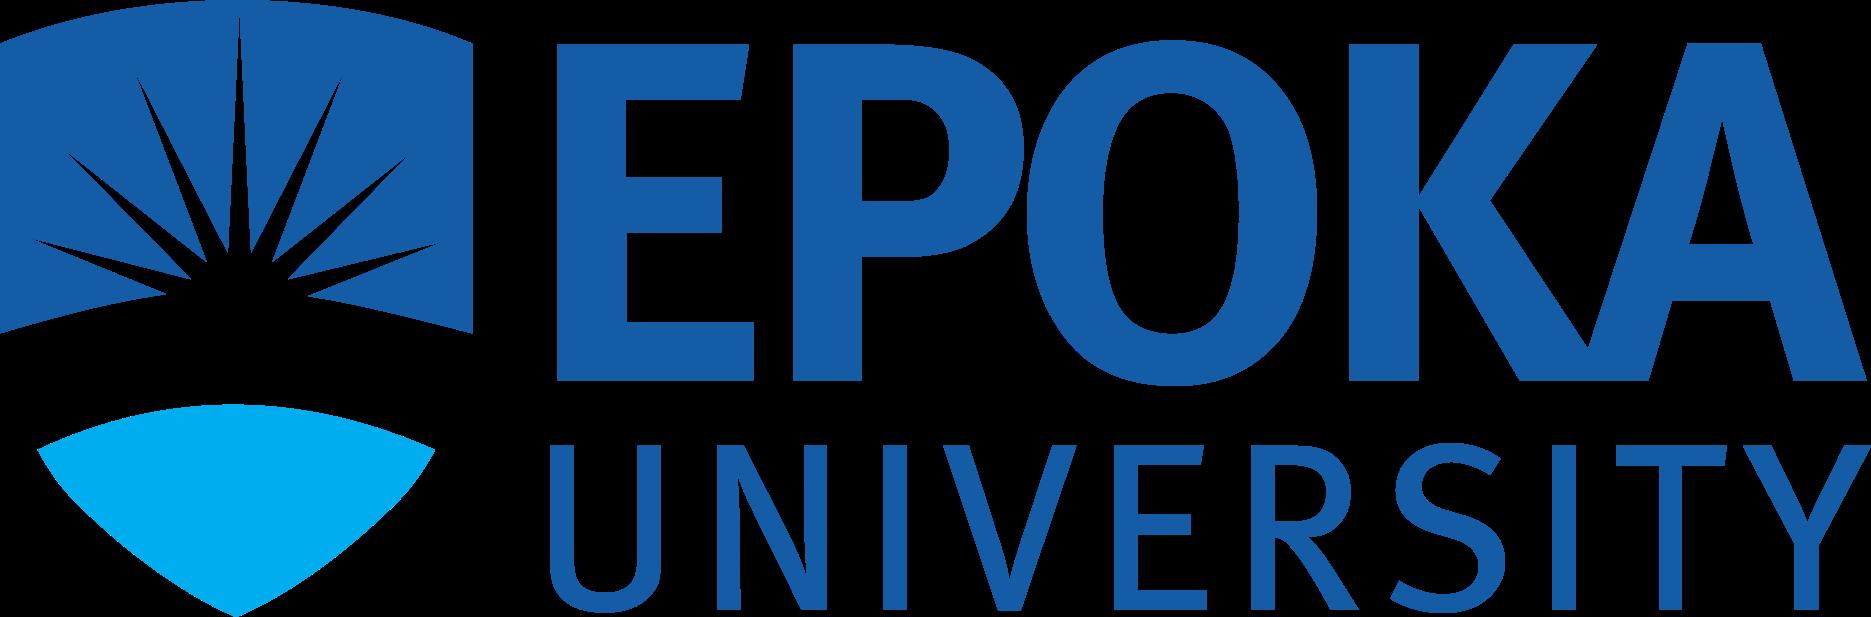 epoka_uni